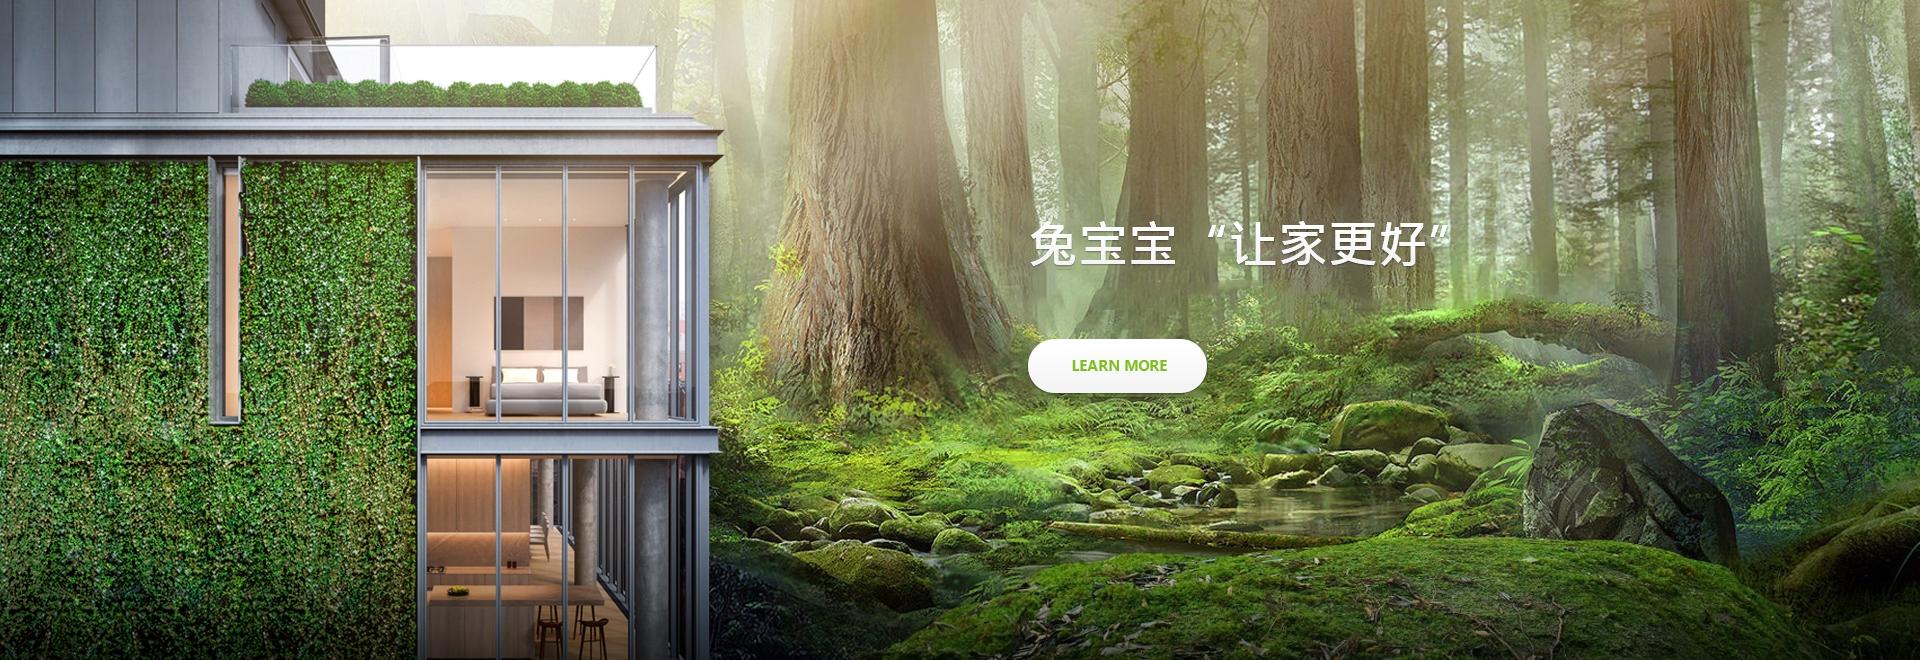 贵阳市欣春圆整体家居装饰材料销售nba山猫直播在线观看公司介绍